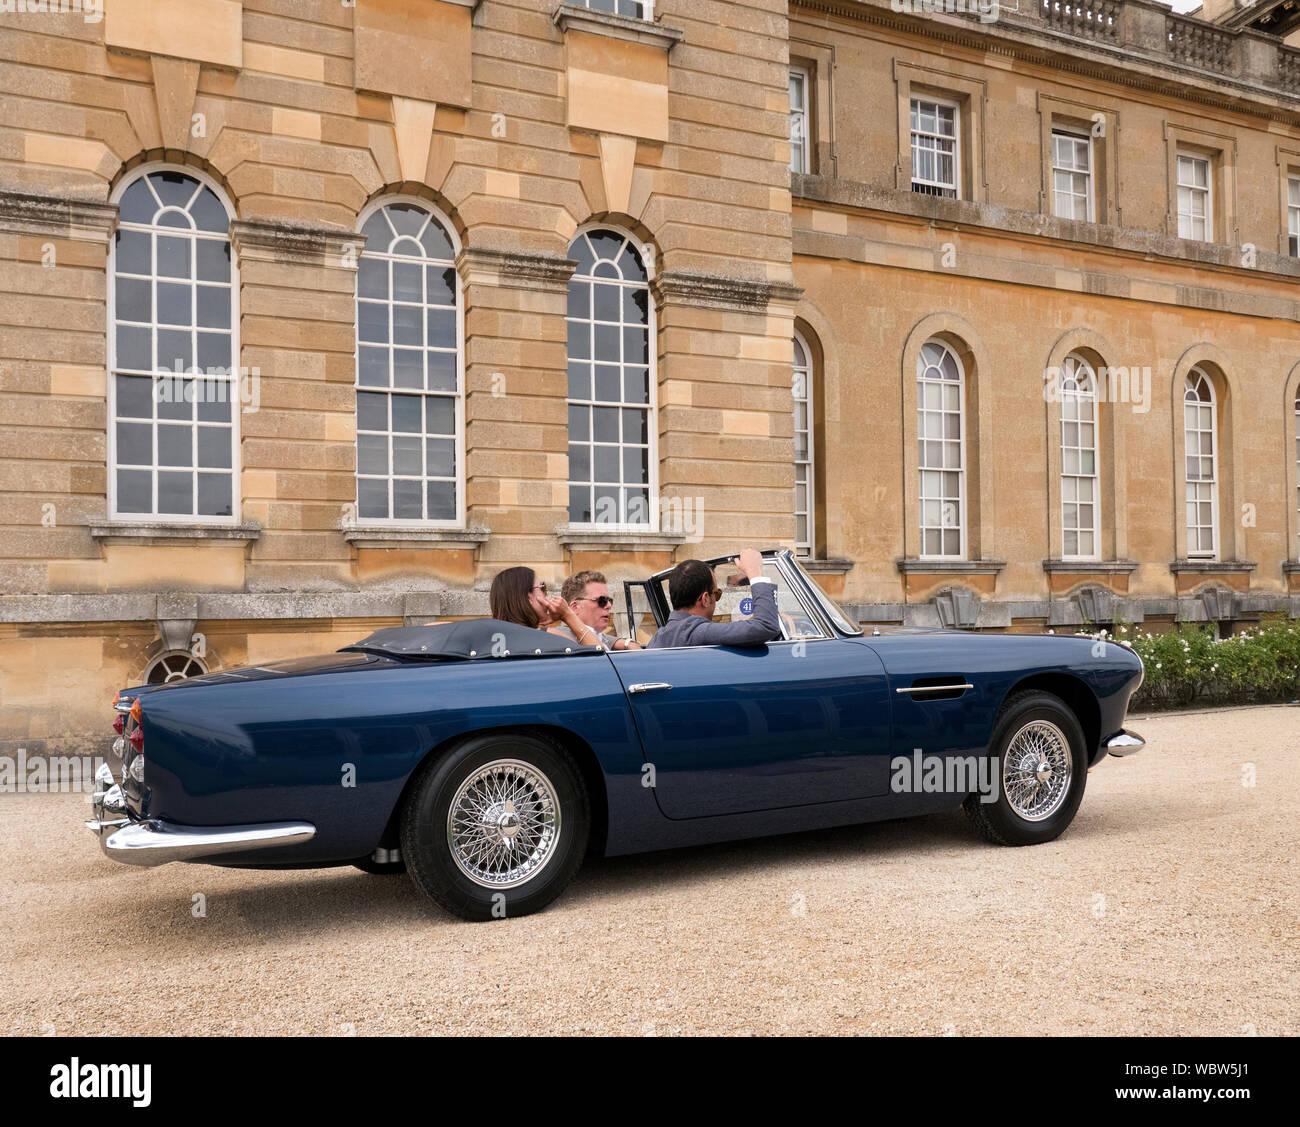 Aston Martin Db5 Volante Stock Photo Alamy